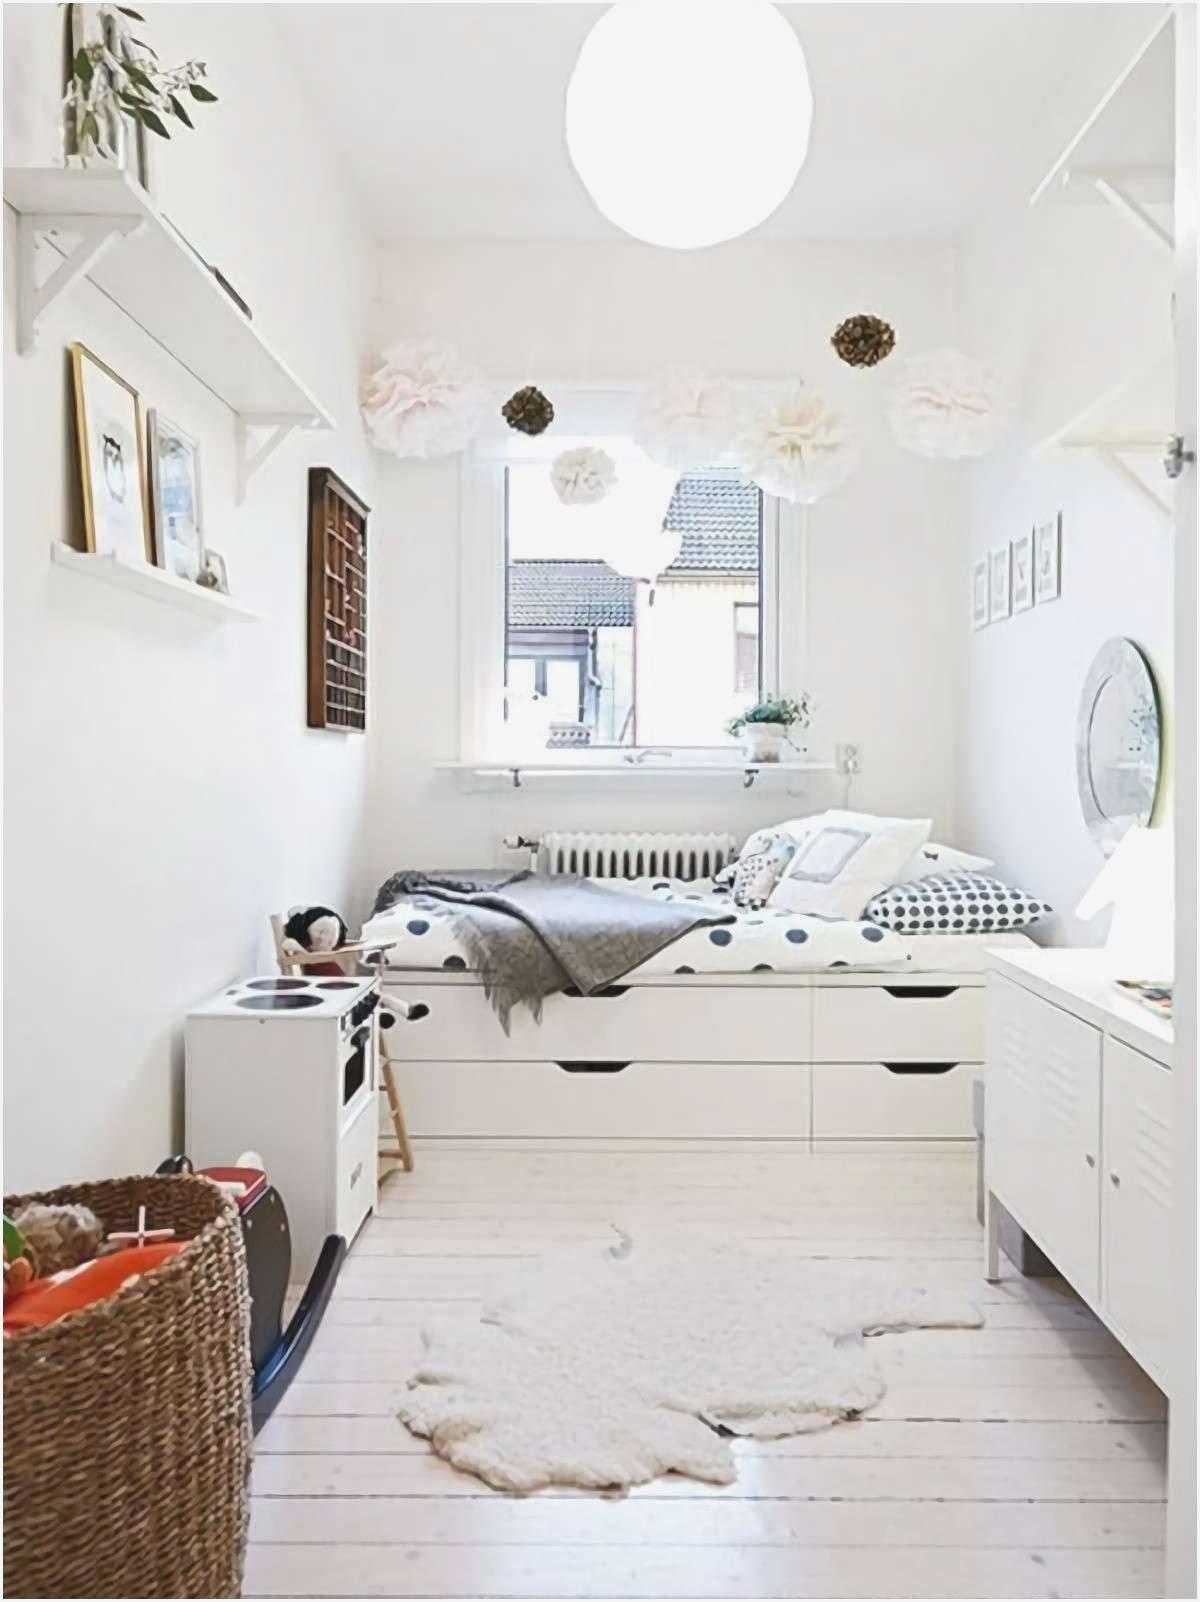 Full Size of Ikea Dachschrgenschrank Schlafzimmer Traumhaus Bett Im Schrank Eckunterschrank Küche Bad Miniküche Mit Kühlschrank Badezimmer Spiegelschrank Beleuchtung Wohnzimmer Dachschräge Schrank Ikea